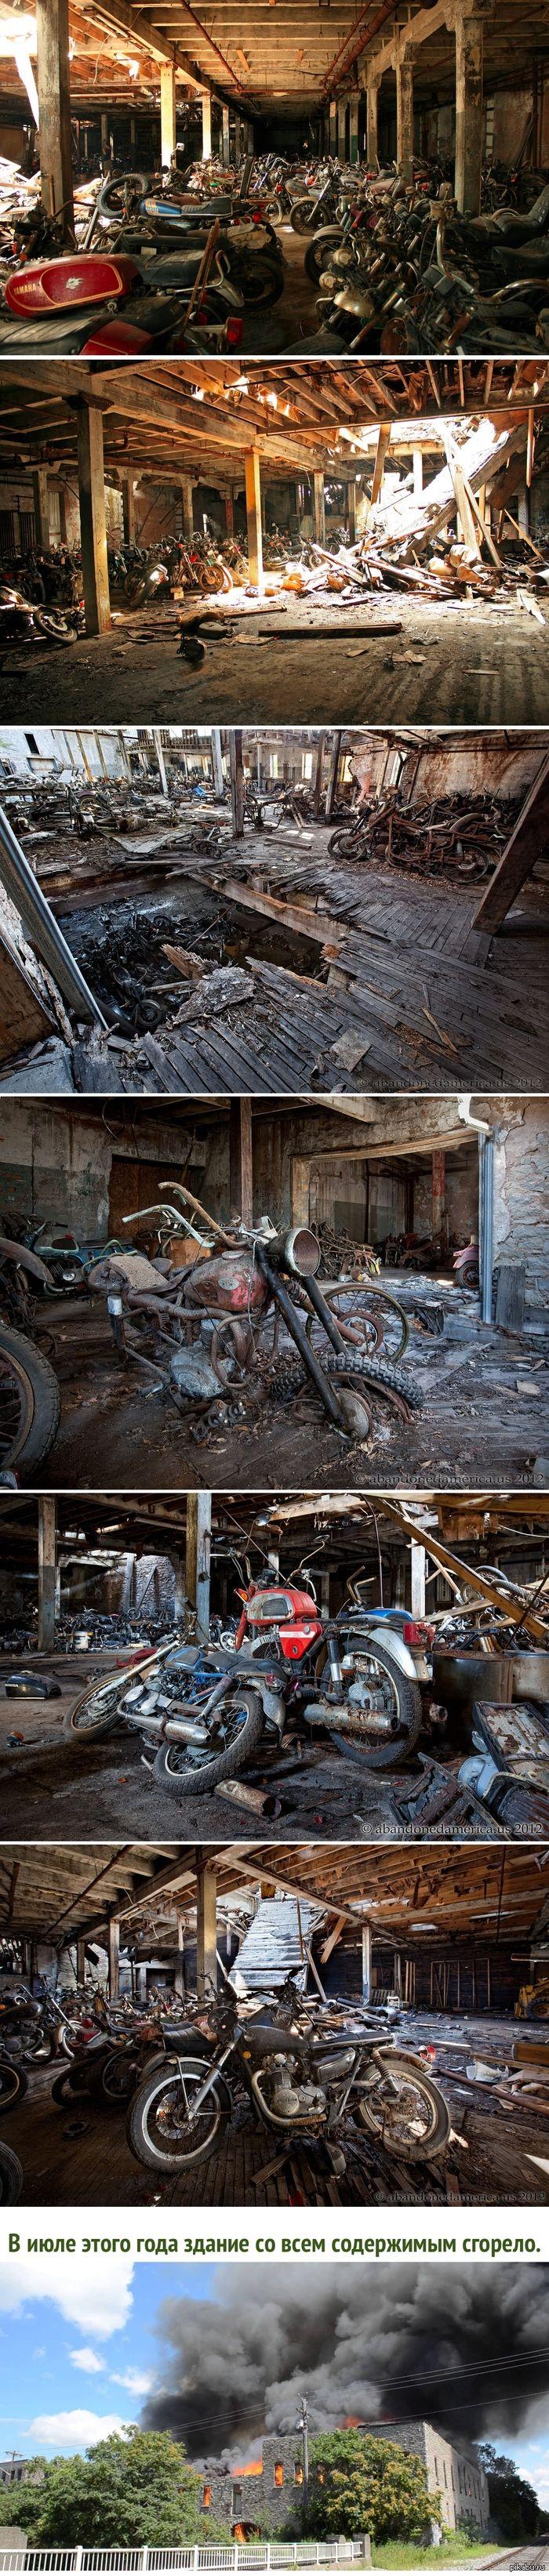 Заброшенное кладбище мотоциклов Где-то недалеко от Нью-Йорка..  старые мотоциклы, кладбище мотоциклов, Нью-Йорк, длиннопост